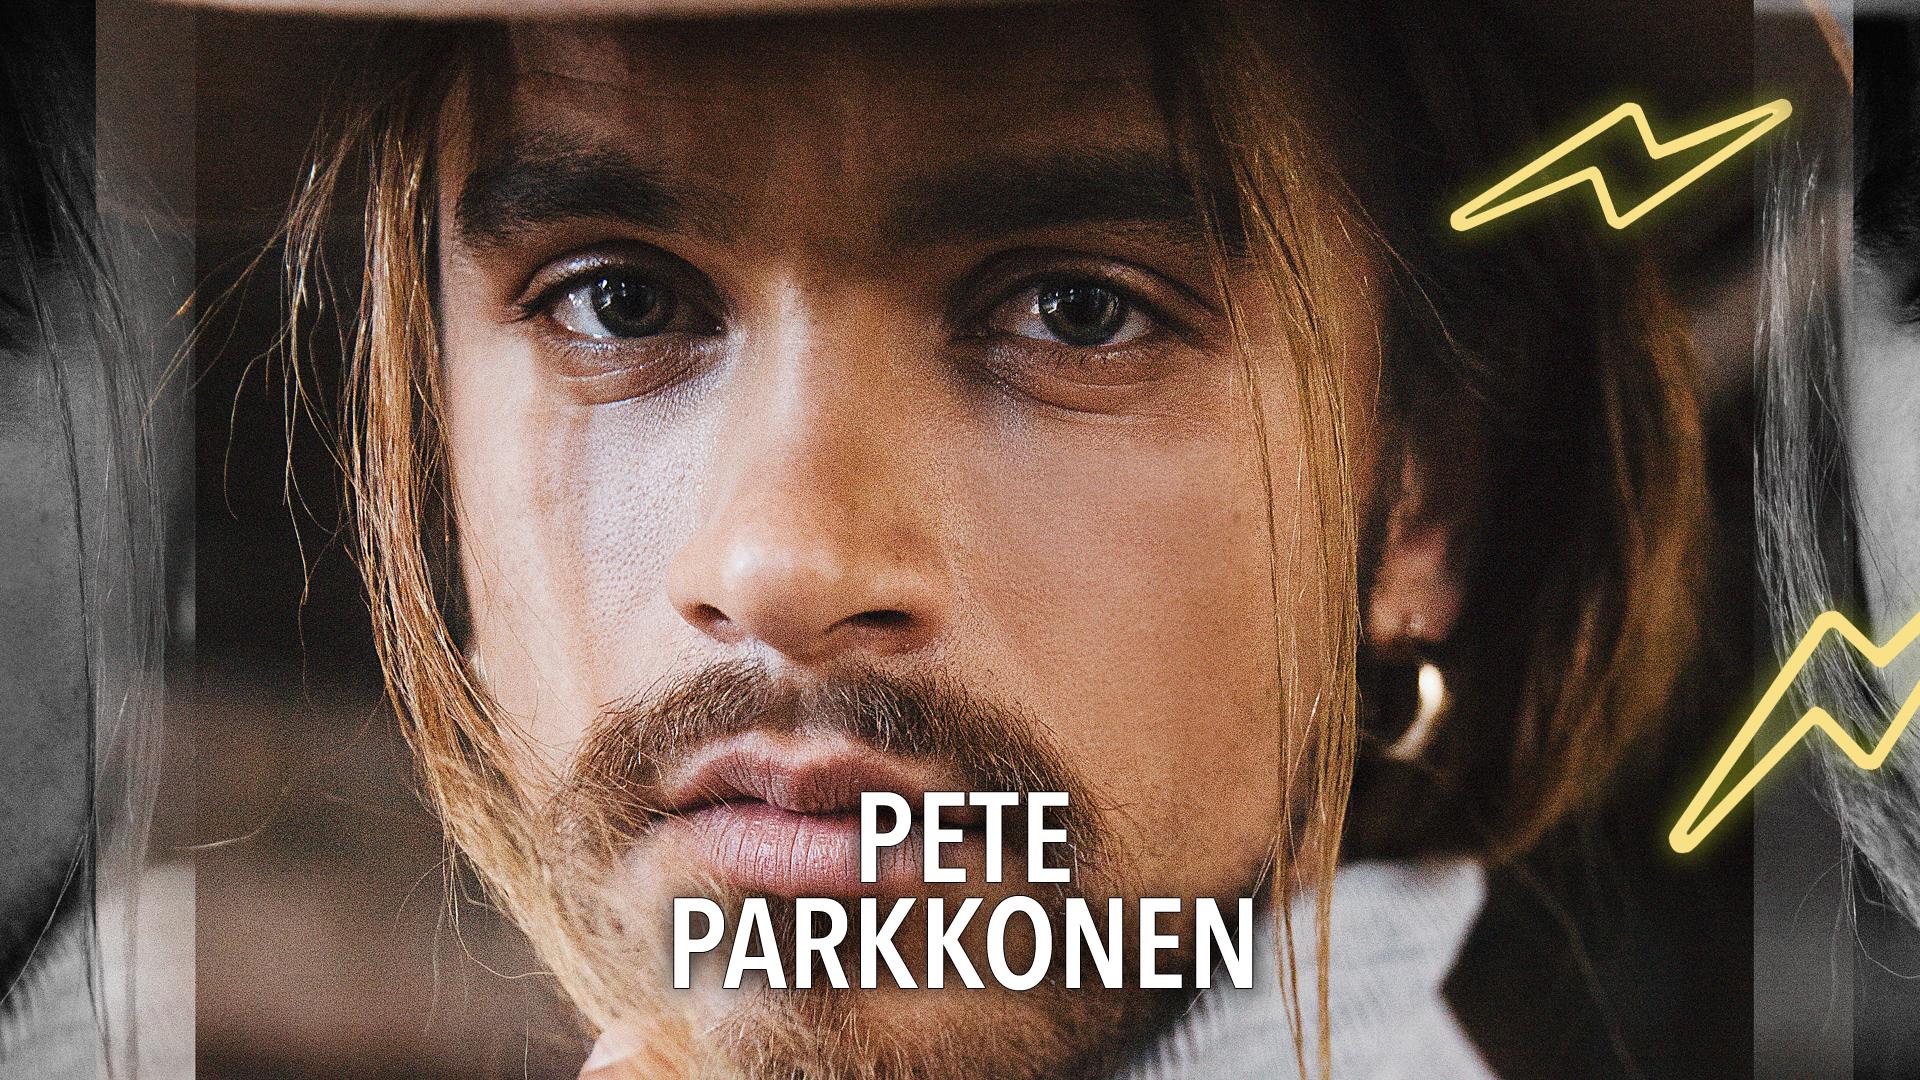 PETE-PARKKONEN_1920x1080